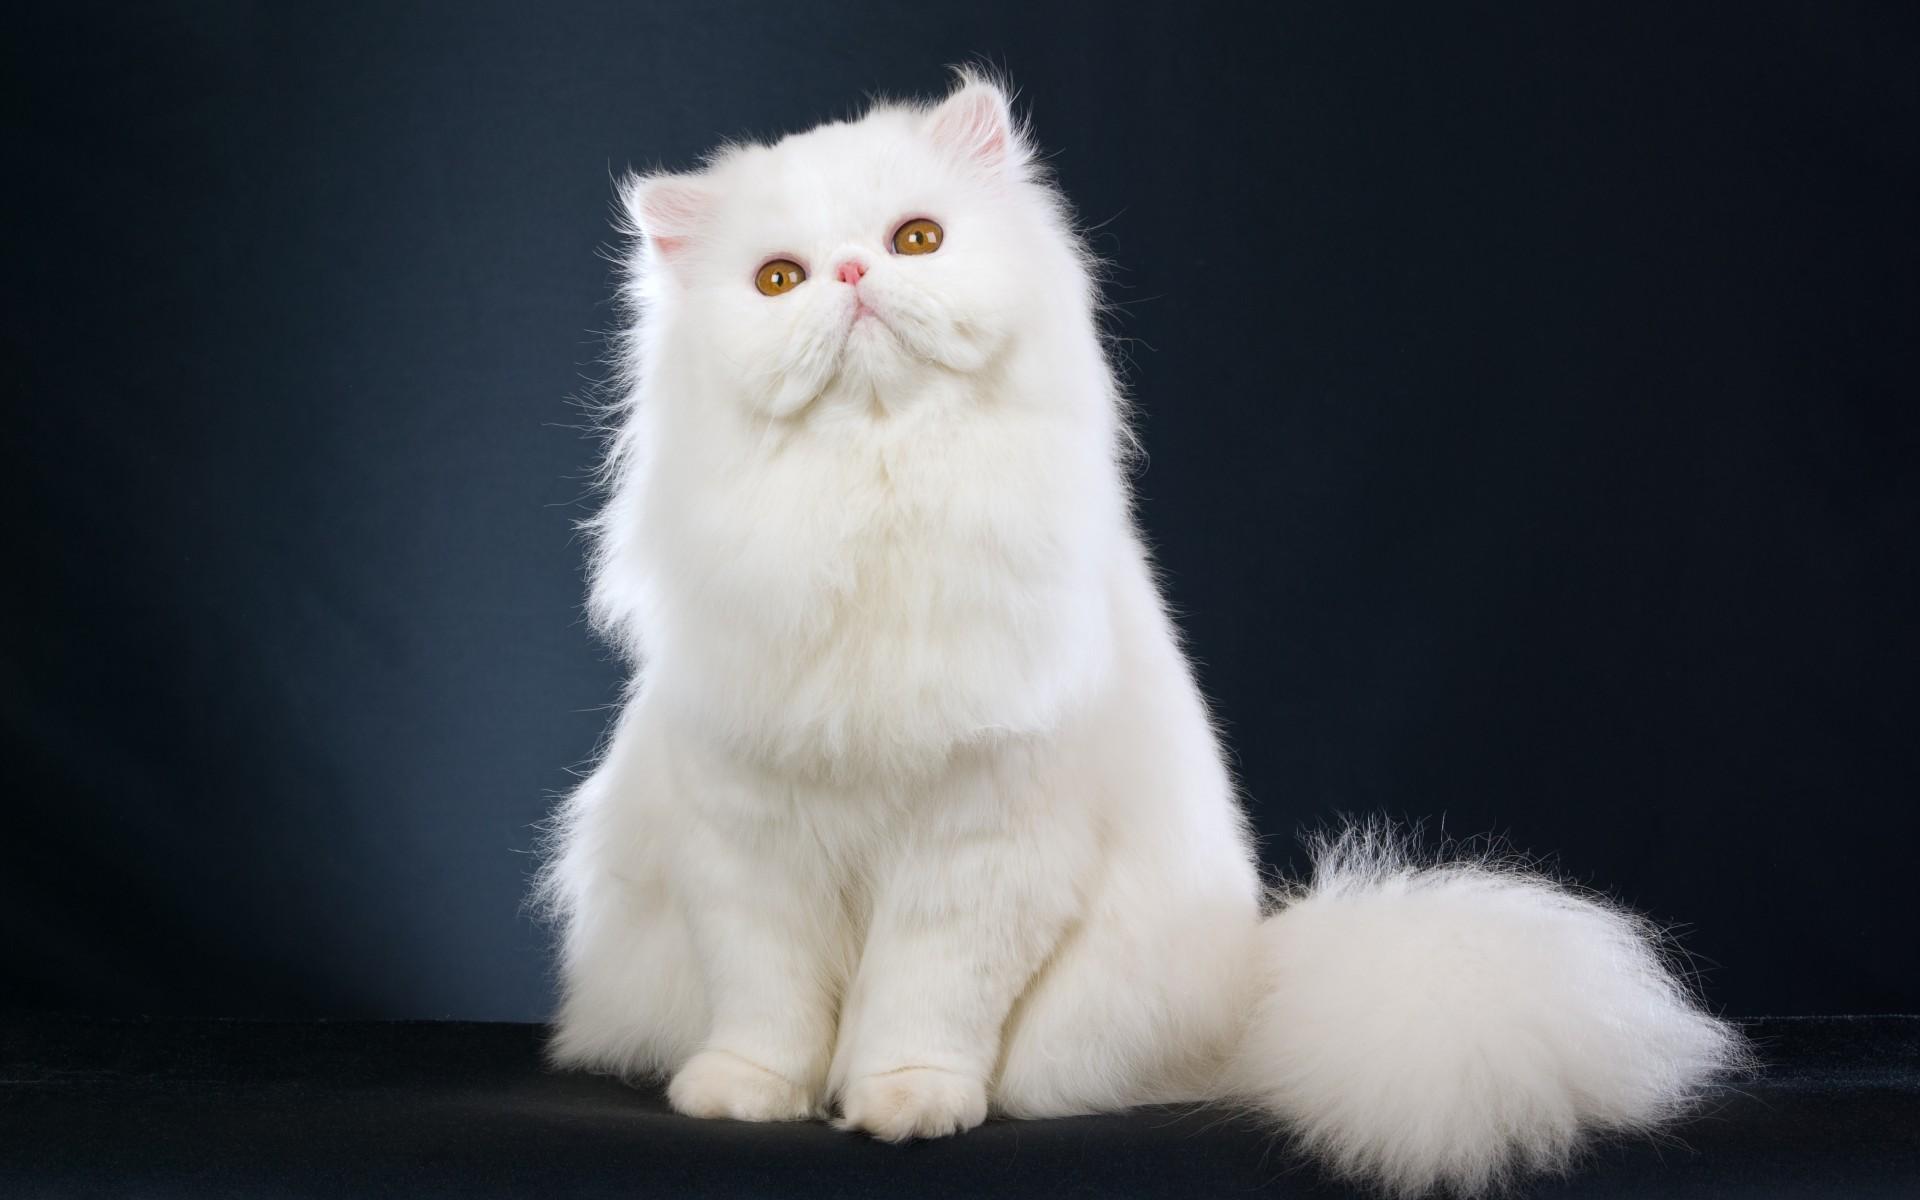 Hình nền chú mèo trắng dễ thương